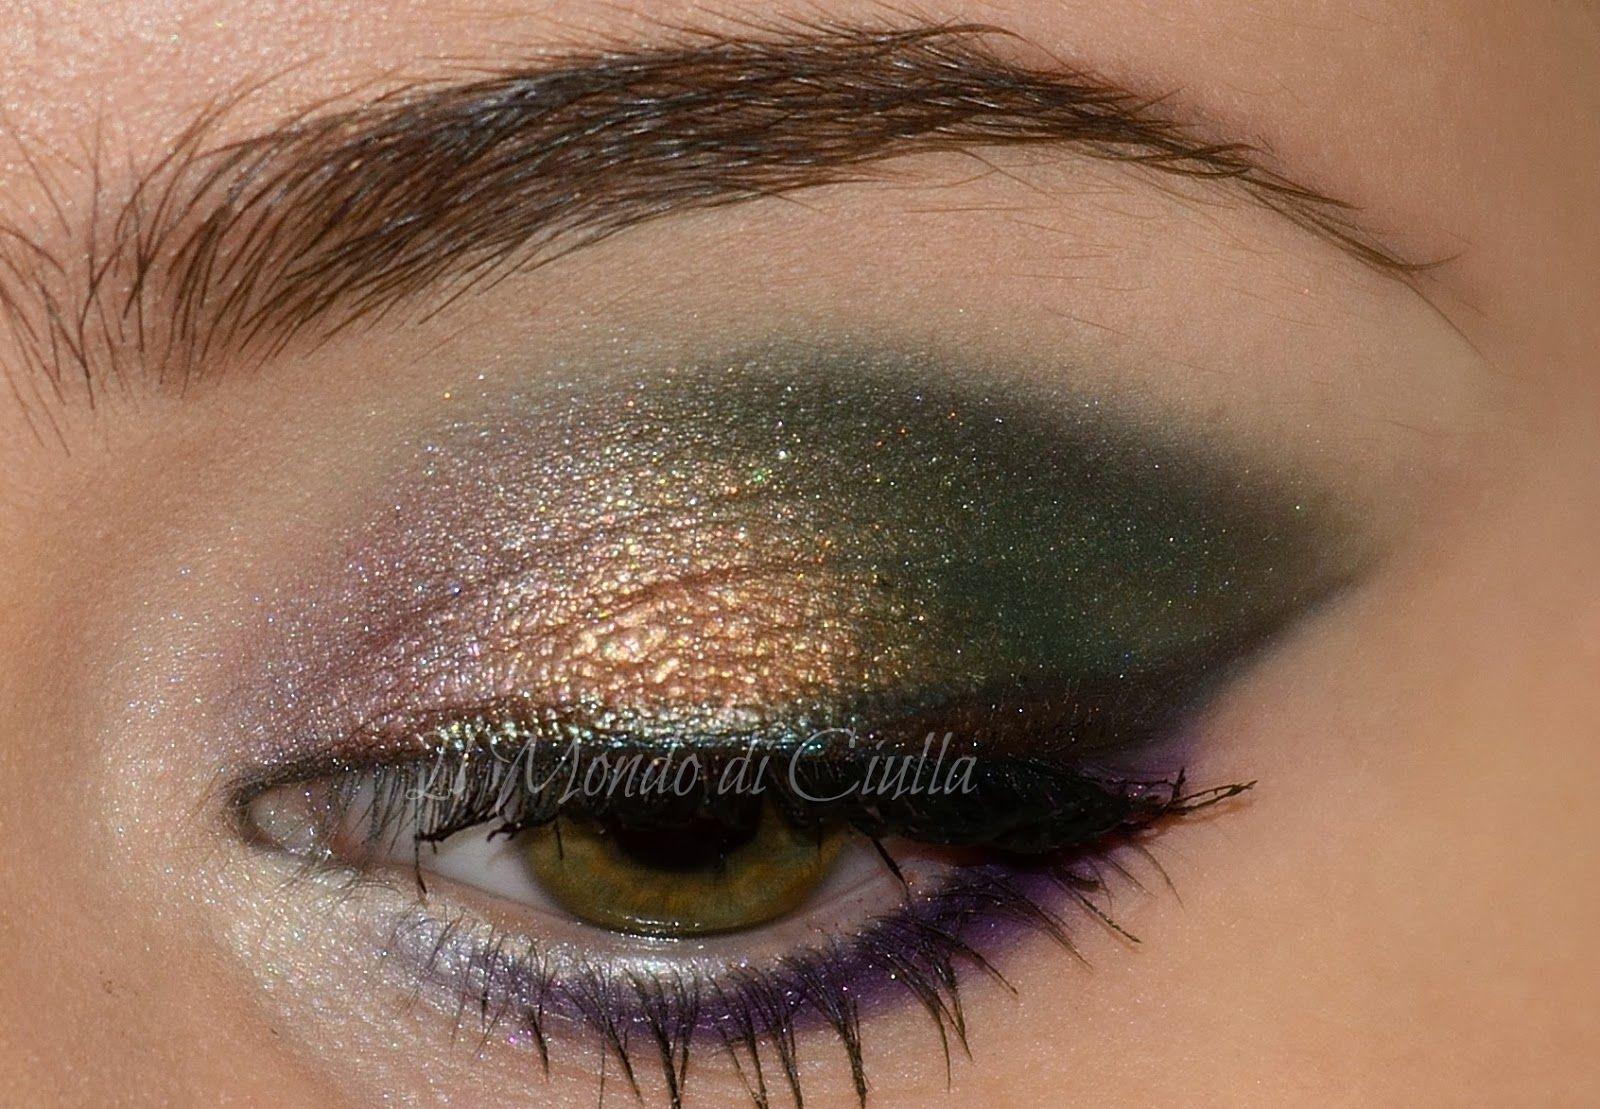 The world of Ciulla: First try Sleek makeup Garden Of Eden | Sleek ...